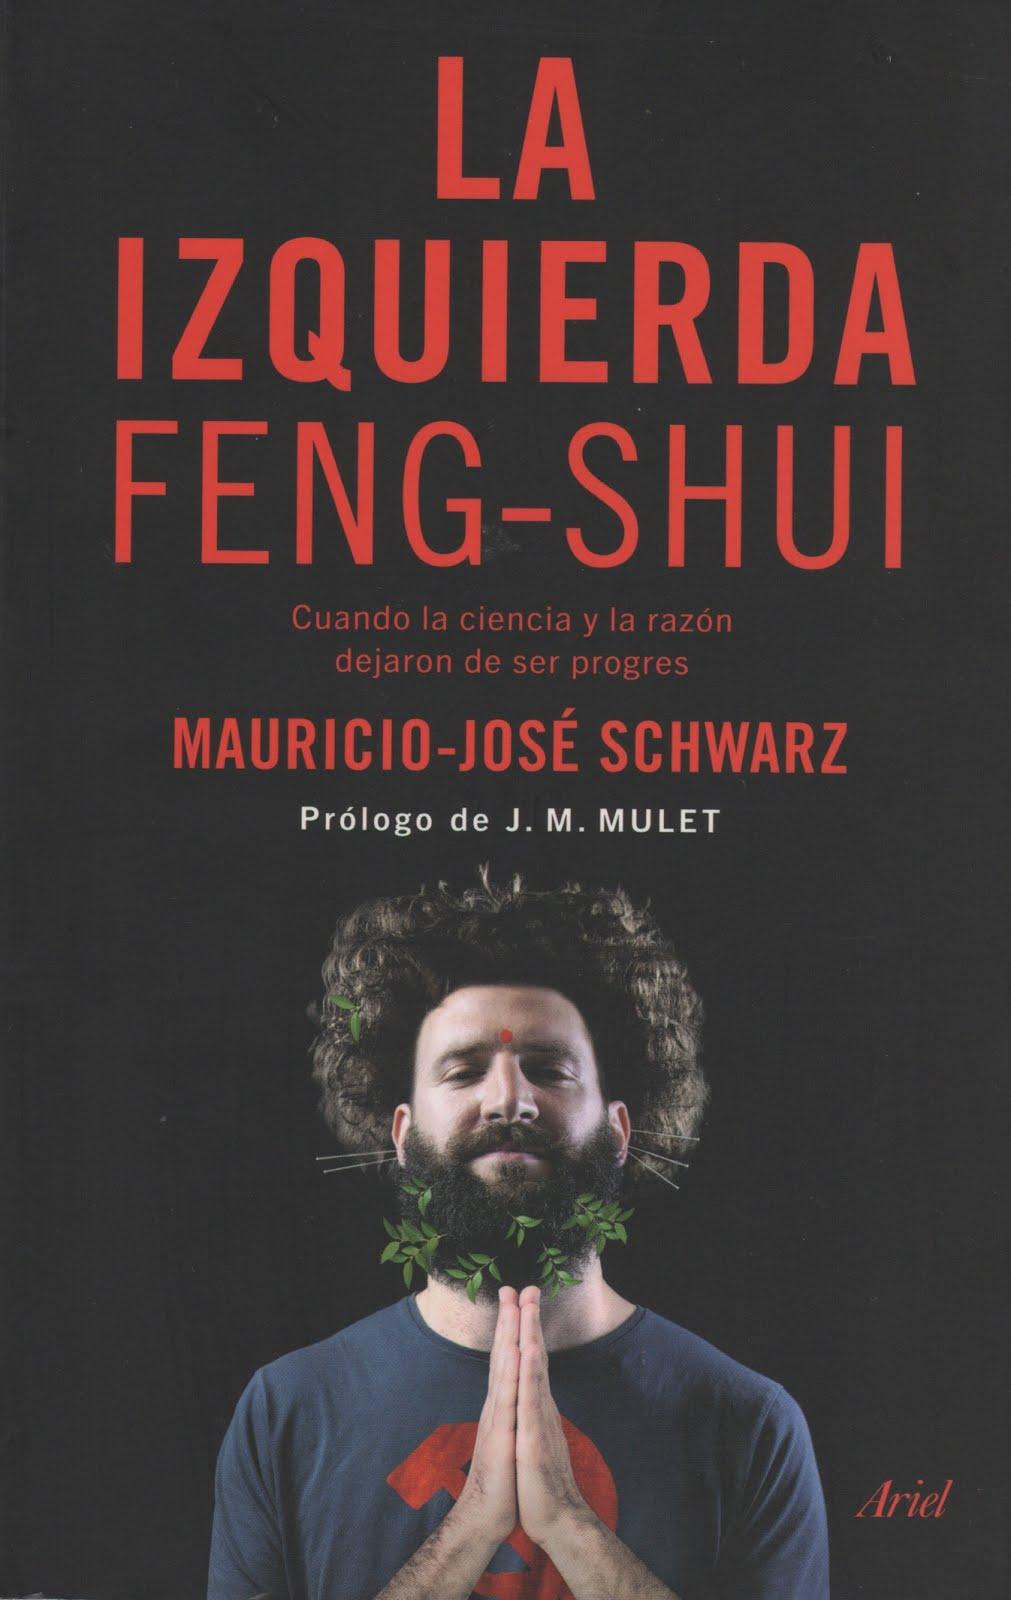 Mauricio-José Schwarz (La izquierda Feng-Shui) Cuando la ciencia y la razón dejaron de ser progres